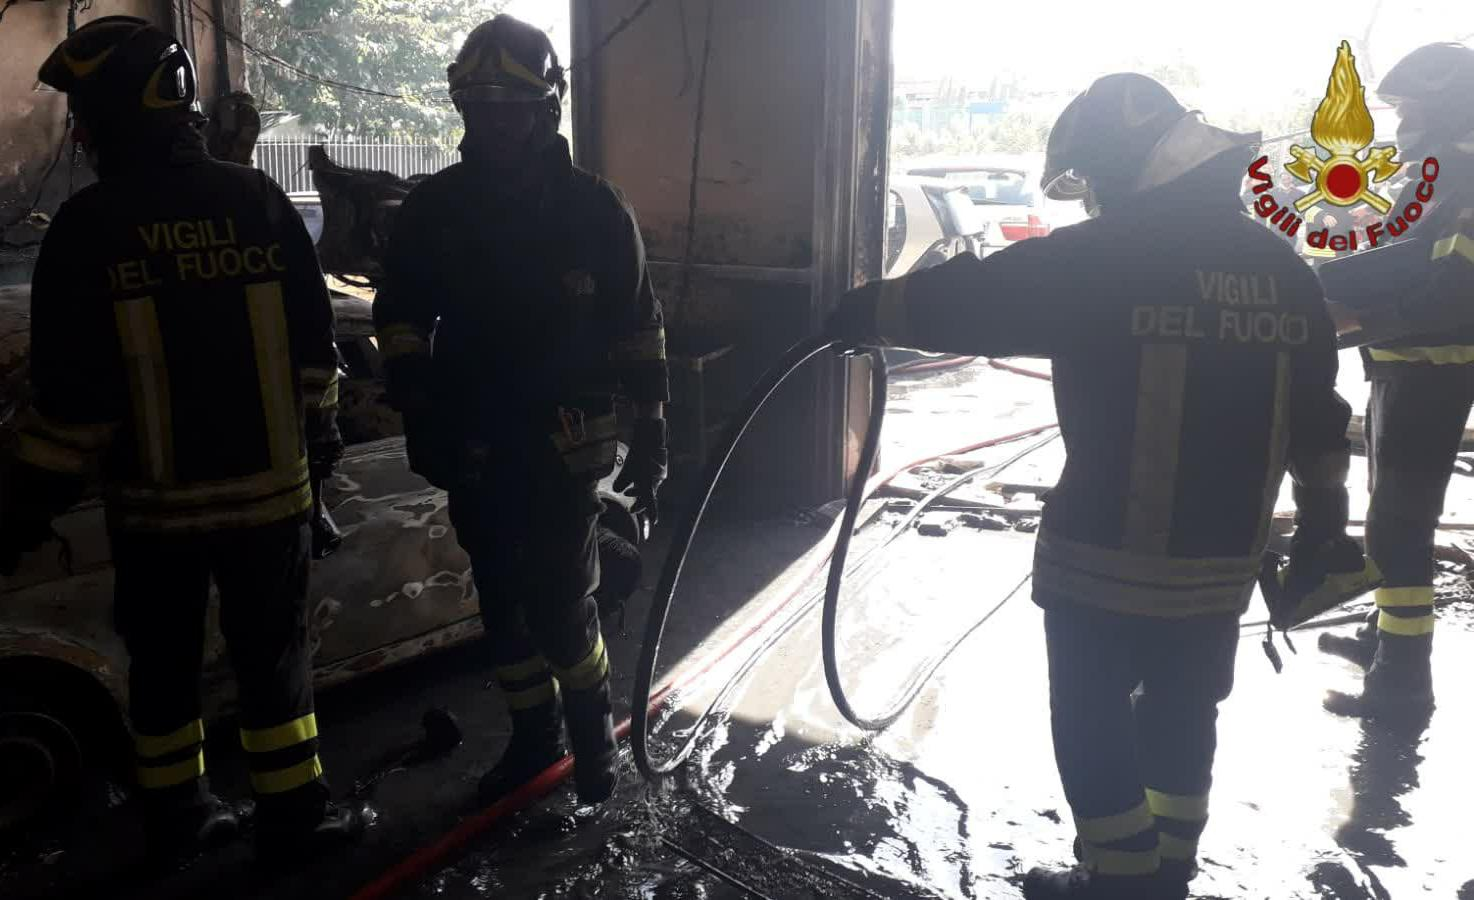 Incendio officina morto titolare